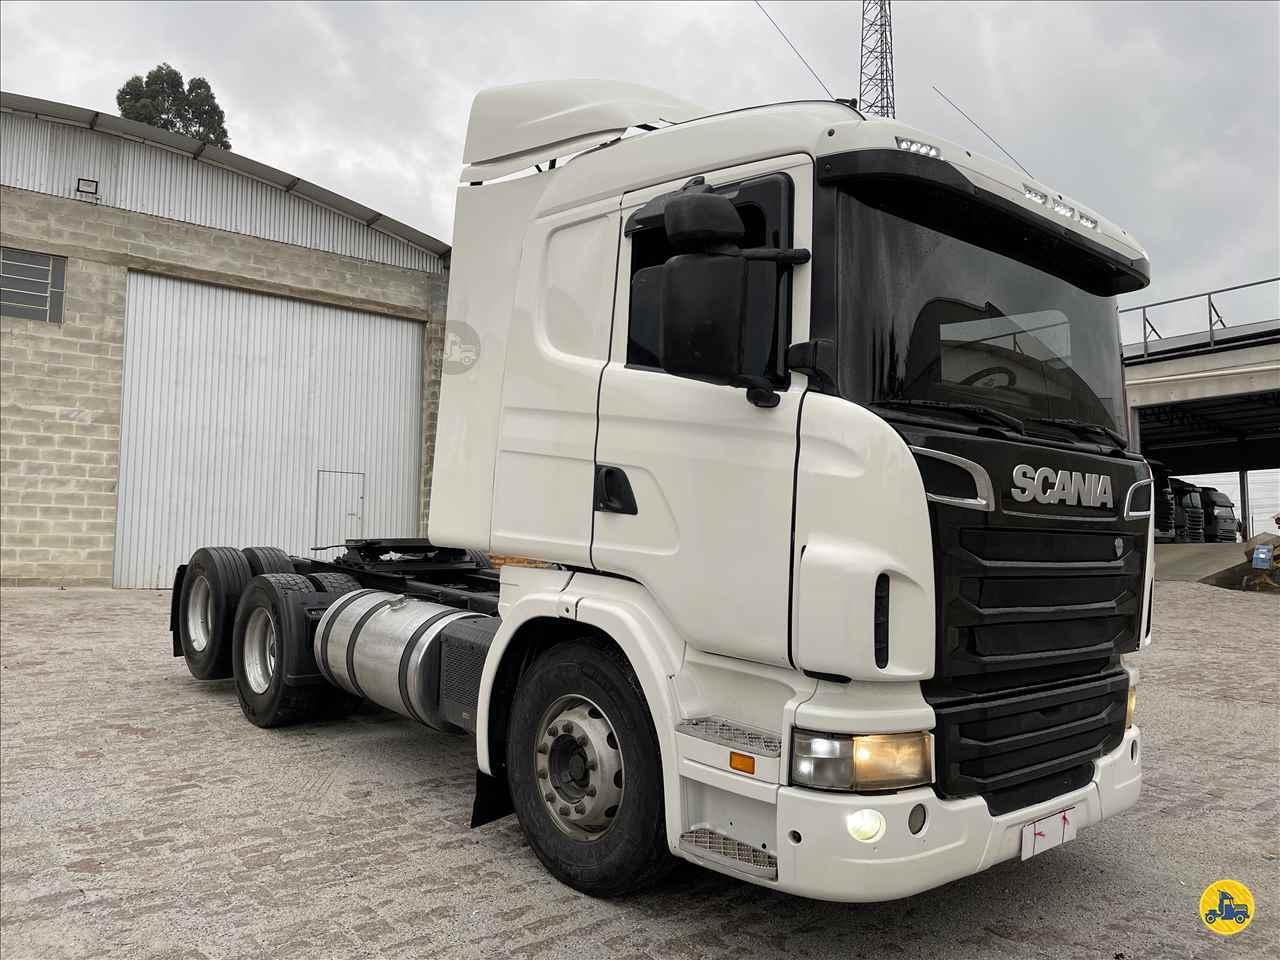 CAMINHAO SCANIA SCANIA 420 Cavalo Mecânico Truck 6x2 Rodricardo Caminhões COLOMBO PARANÁ PR